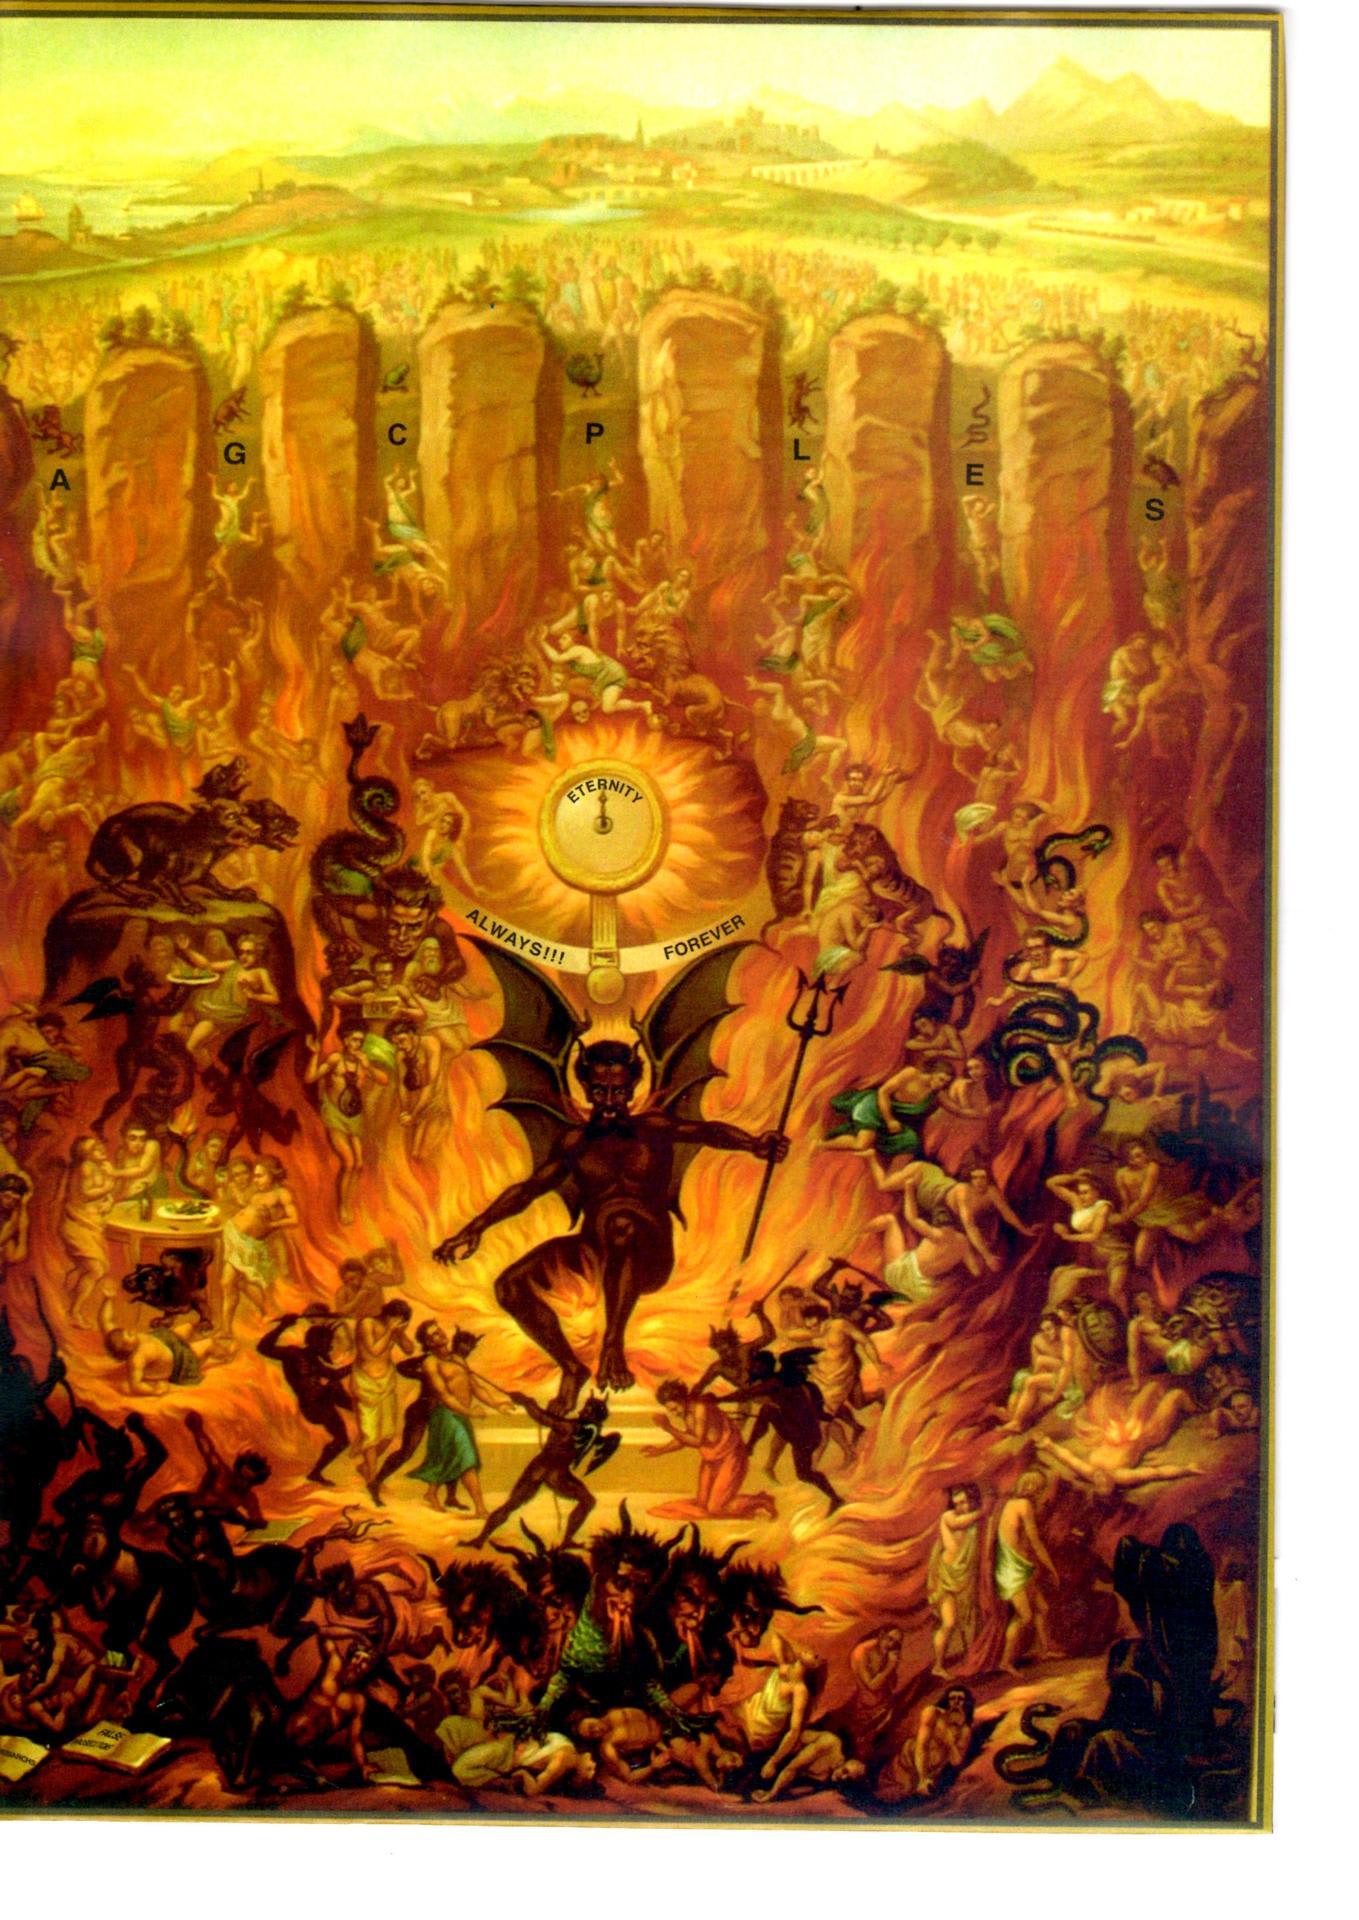 地獄の様子 19/68 - TRUE TRAD JAPAN, SSPX Resistance